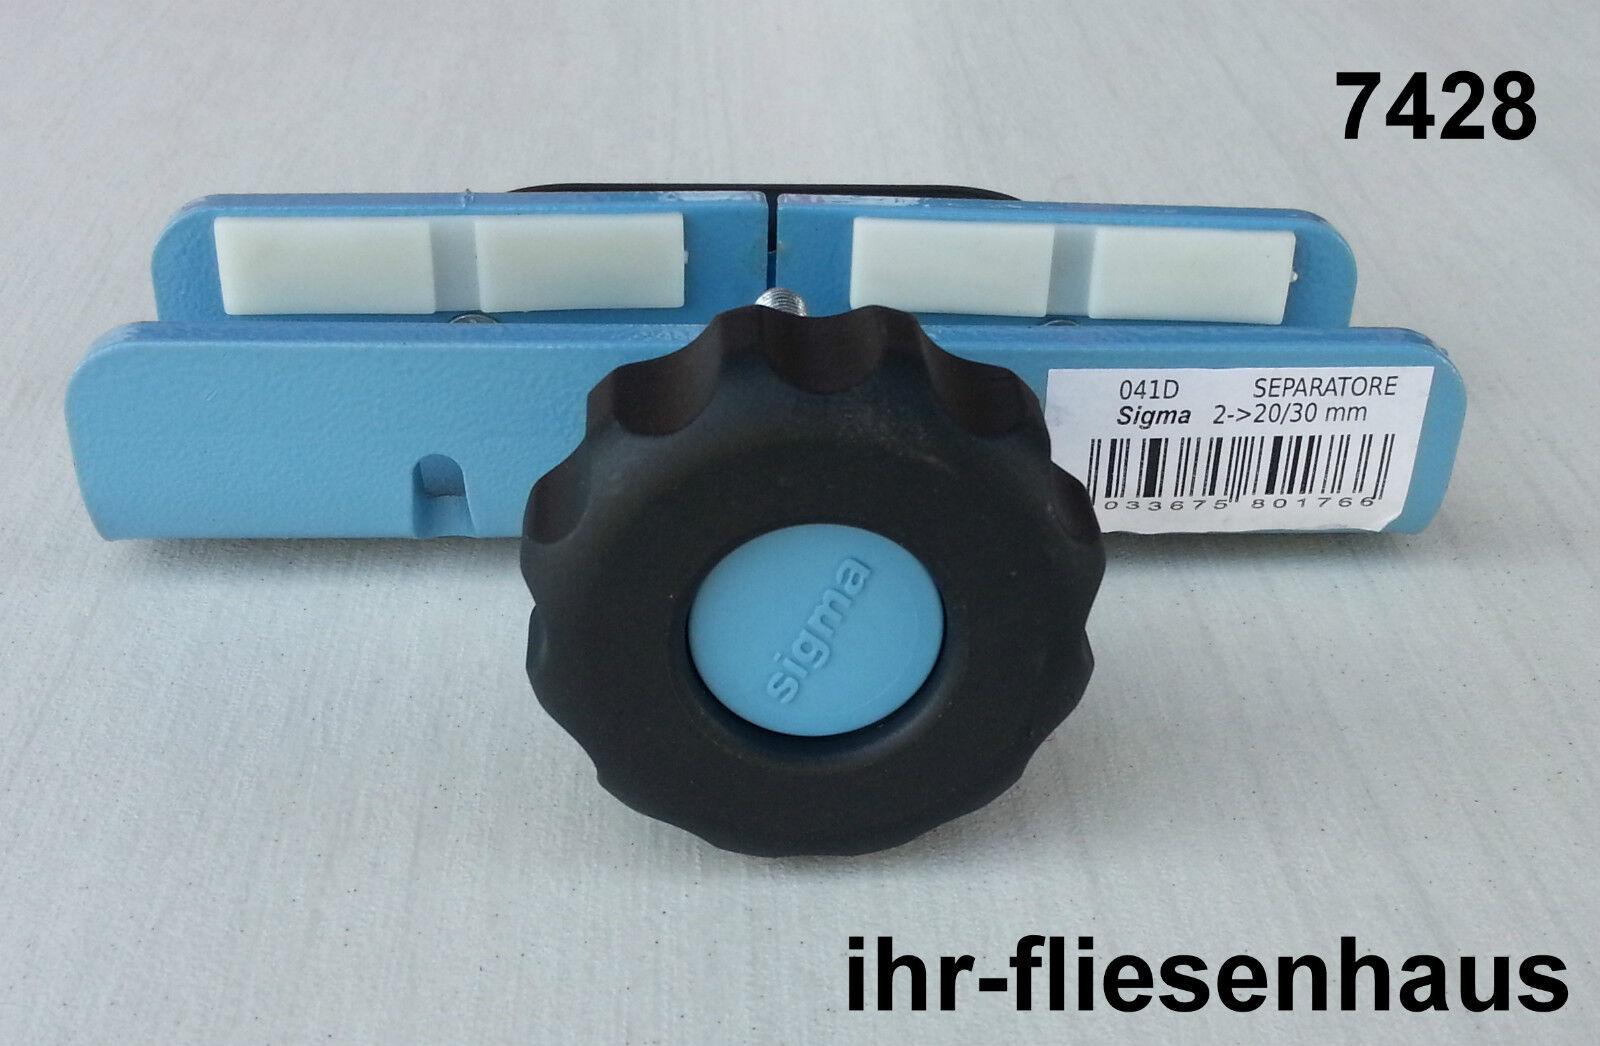 Sigma Fliesenbrecher 41D bis 30mm stark für für für Feinsteinzeug und Bodenfliesen | In hohem Grade geschätzt und weit vertrautes herein und heraus  | Online Kaufen  | Bestellungen Sind Willkommen  cc6eb3